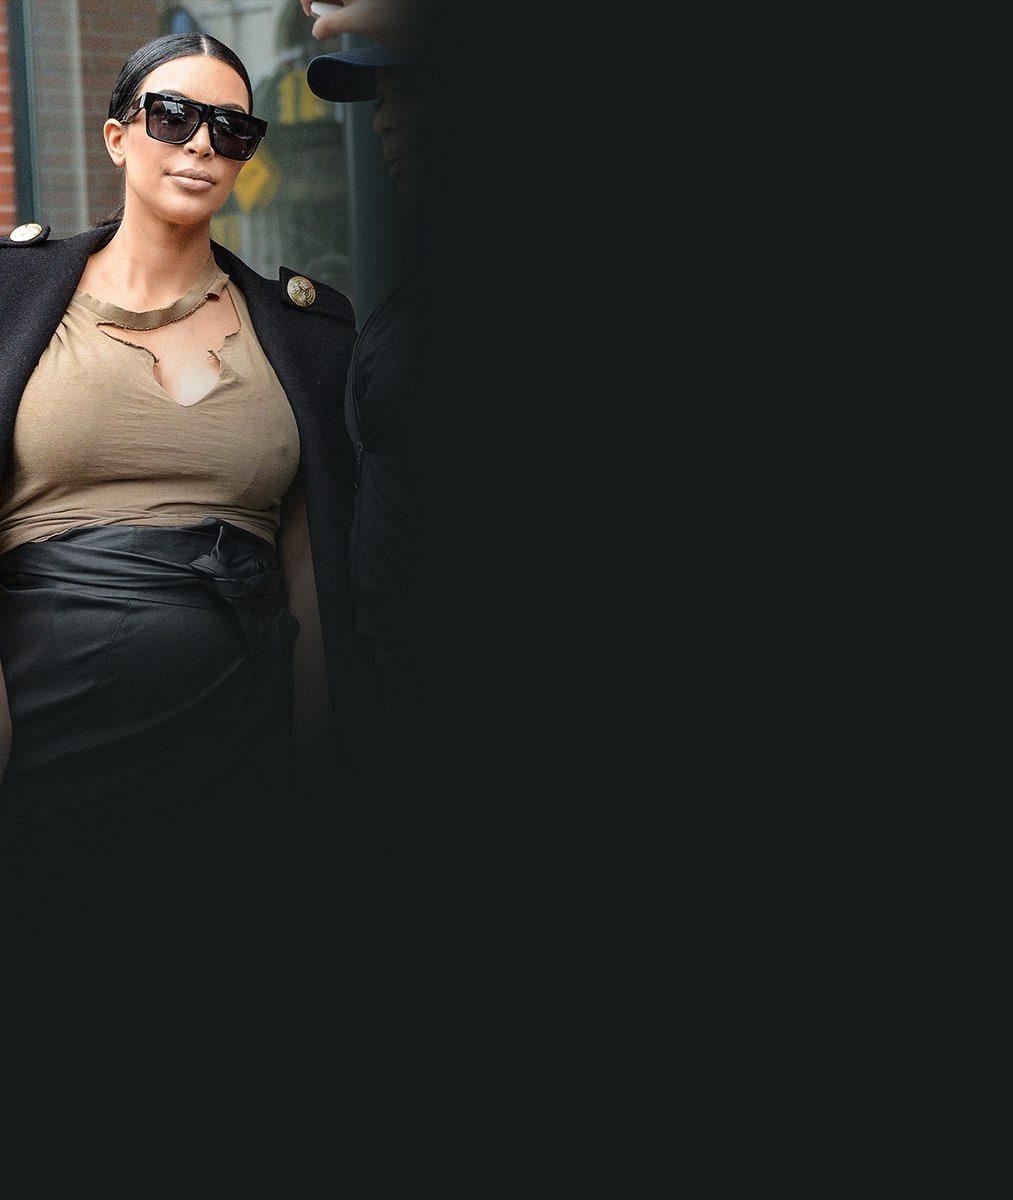 Těhotná Kim Kardashian oblékla naprostou příšernost: V outfitu slonovinové barvy připomínala březí slonici